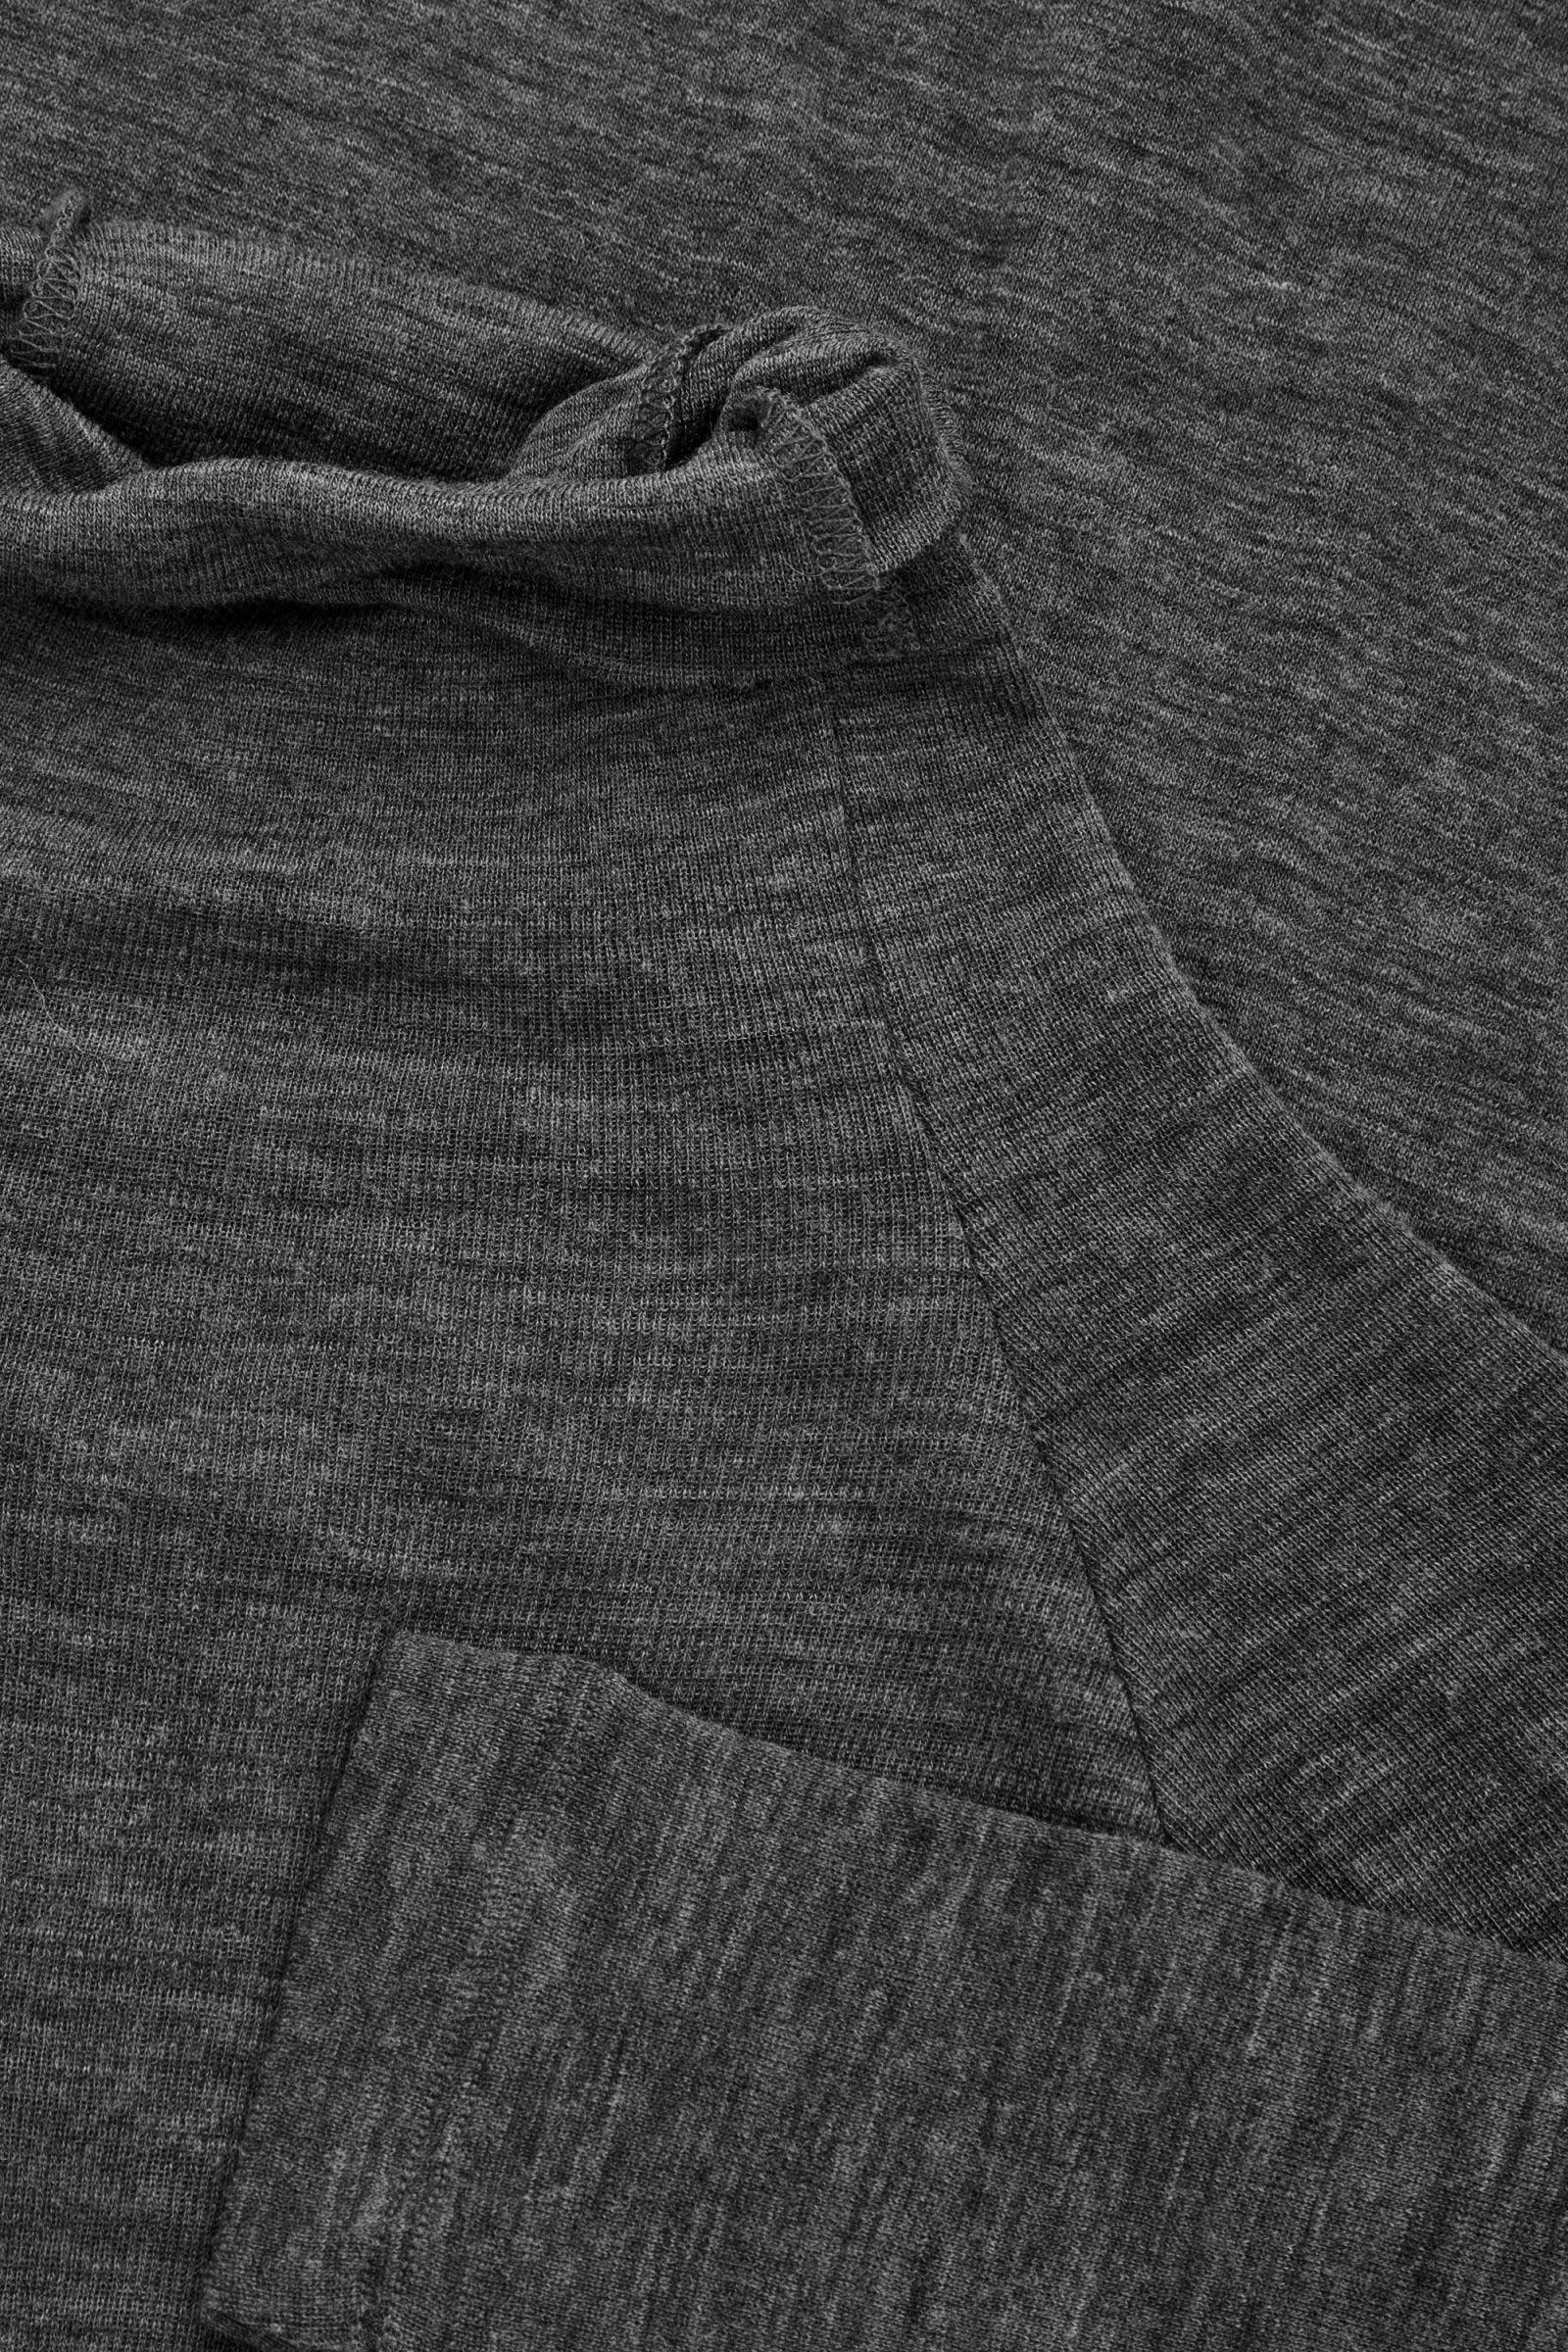 COS 슬림 메리노 롤넥 탑의 다크 그레이 멜란지컬러 Detail입니다.